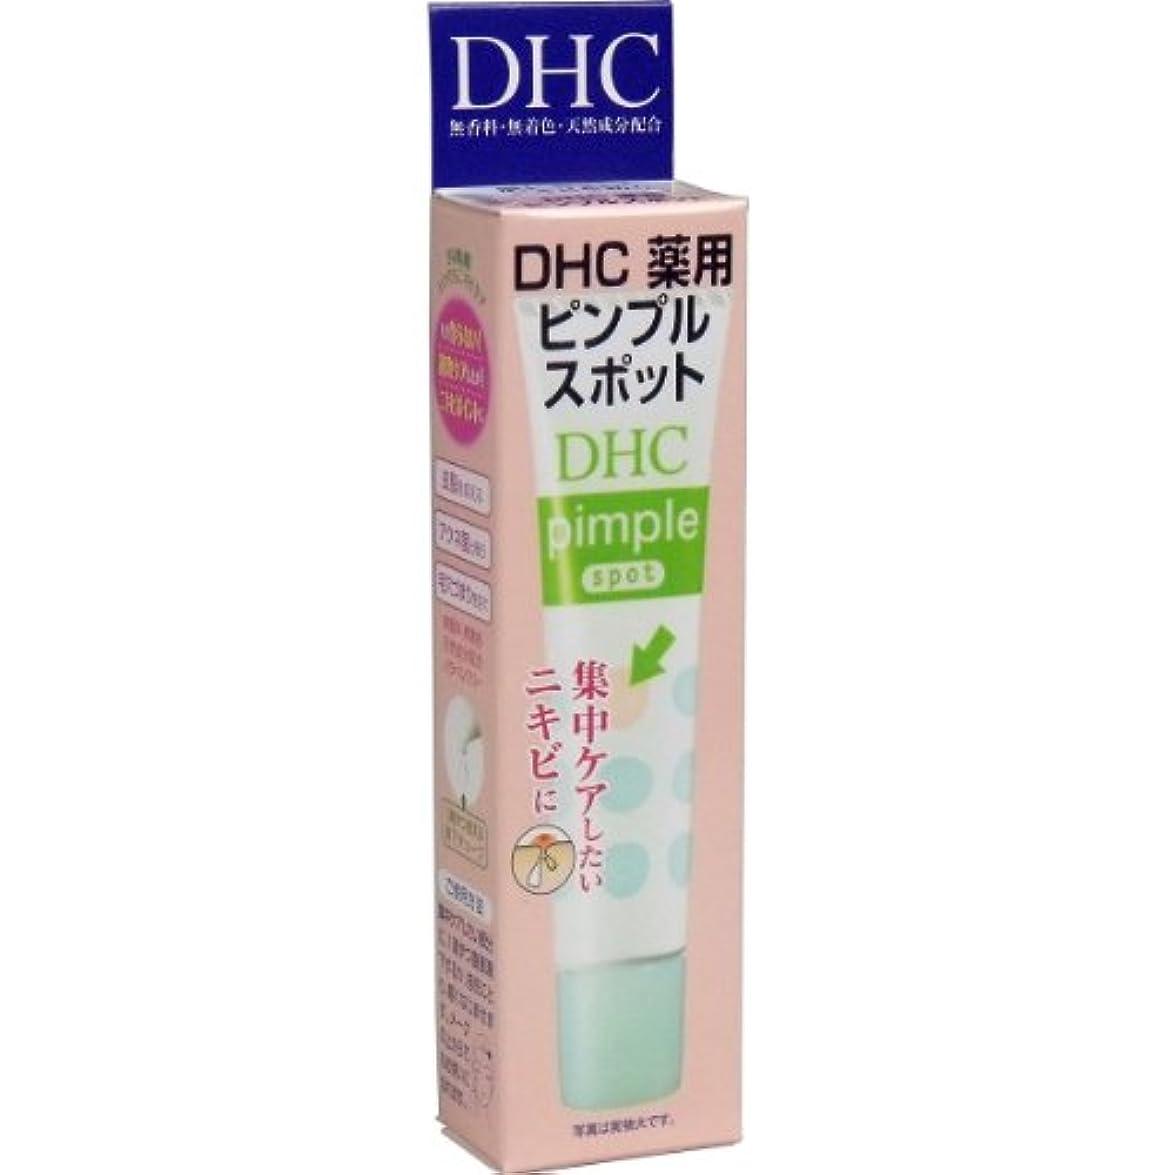 コミュニティドライバジャンクション【DHC】DHC 薬用ピンプルスポット 15ml ×10個セット